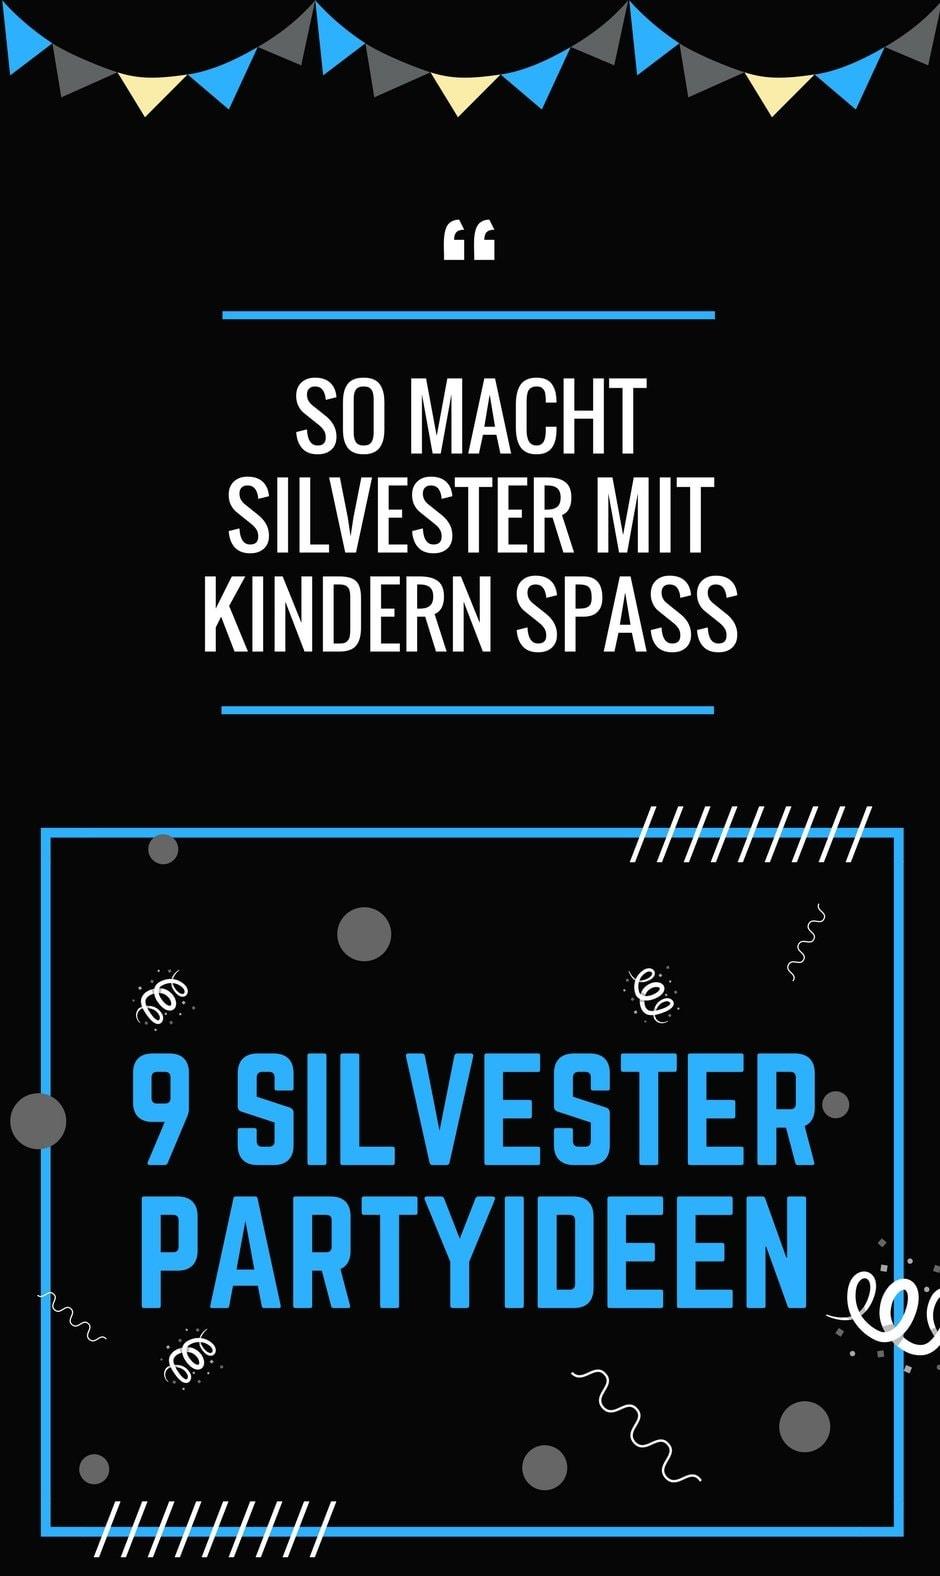 Silvester mit Kindern feiern: 9 lustige Partyideen, Tipps und Silvesterspiele für Familie mit Kinder